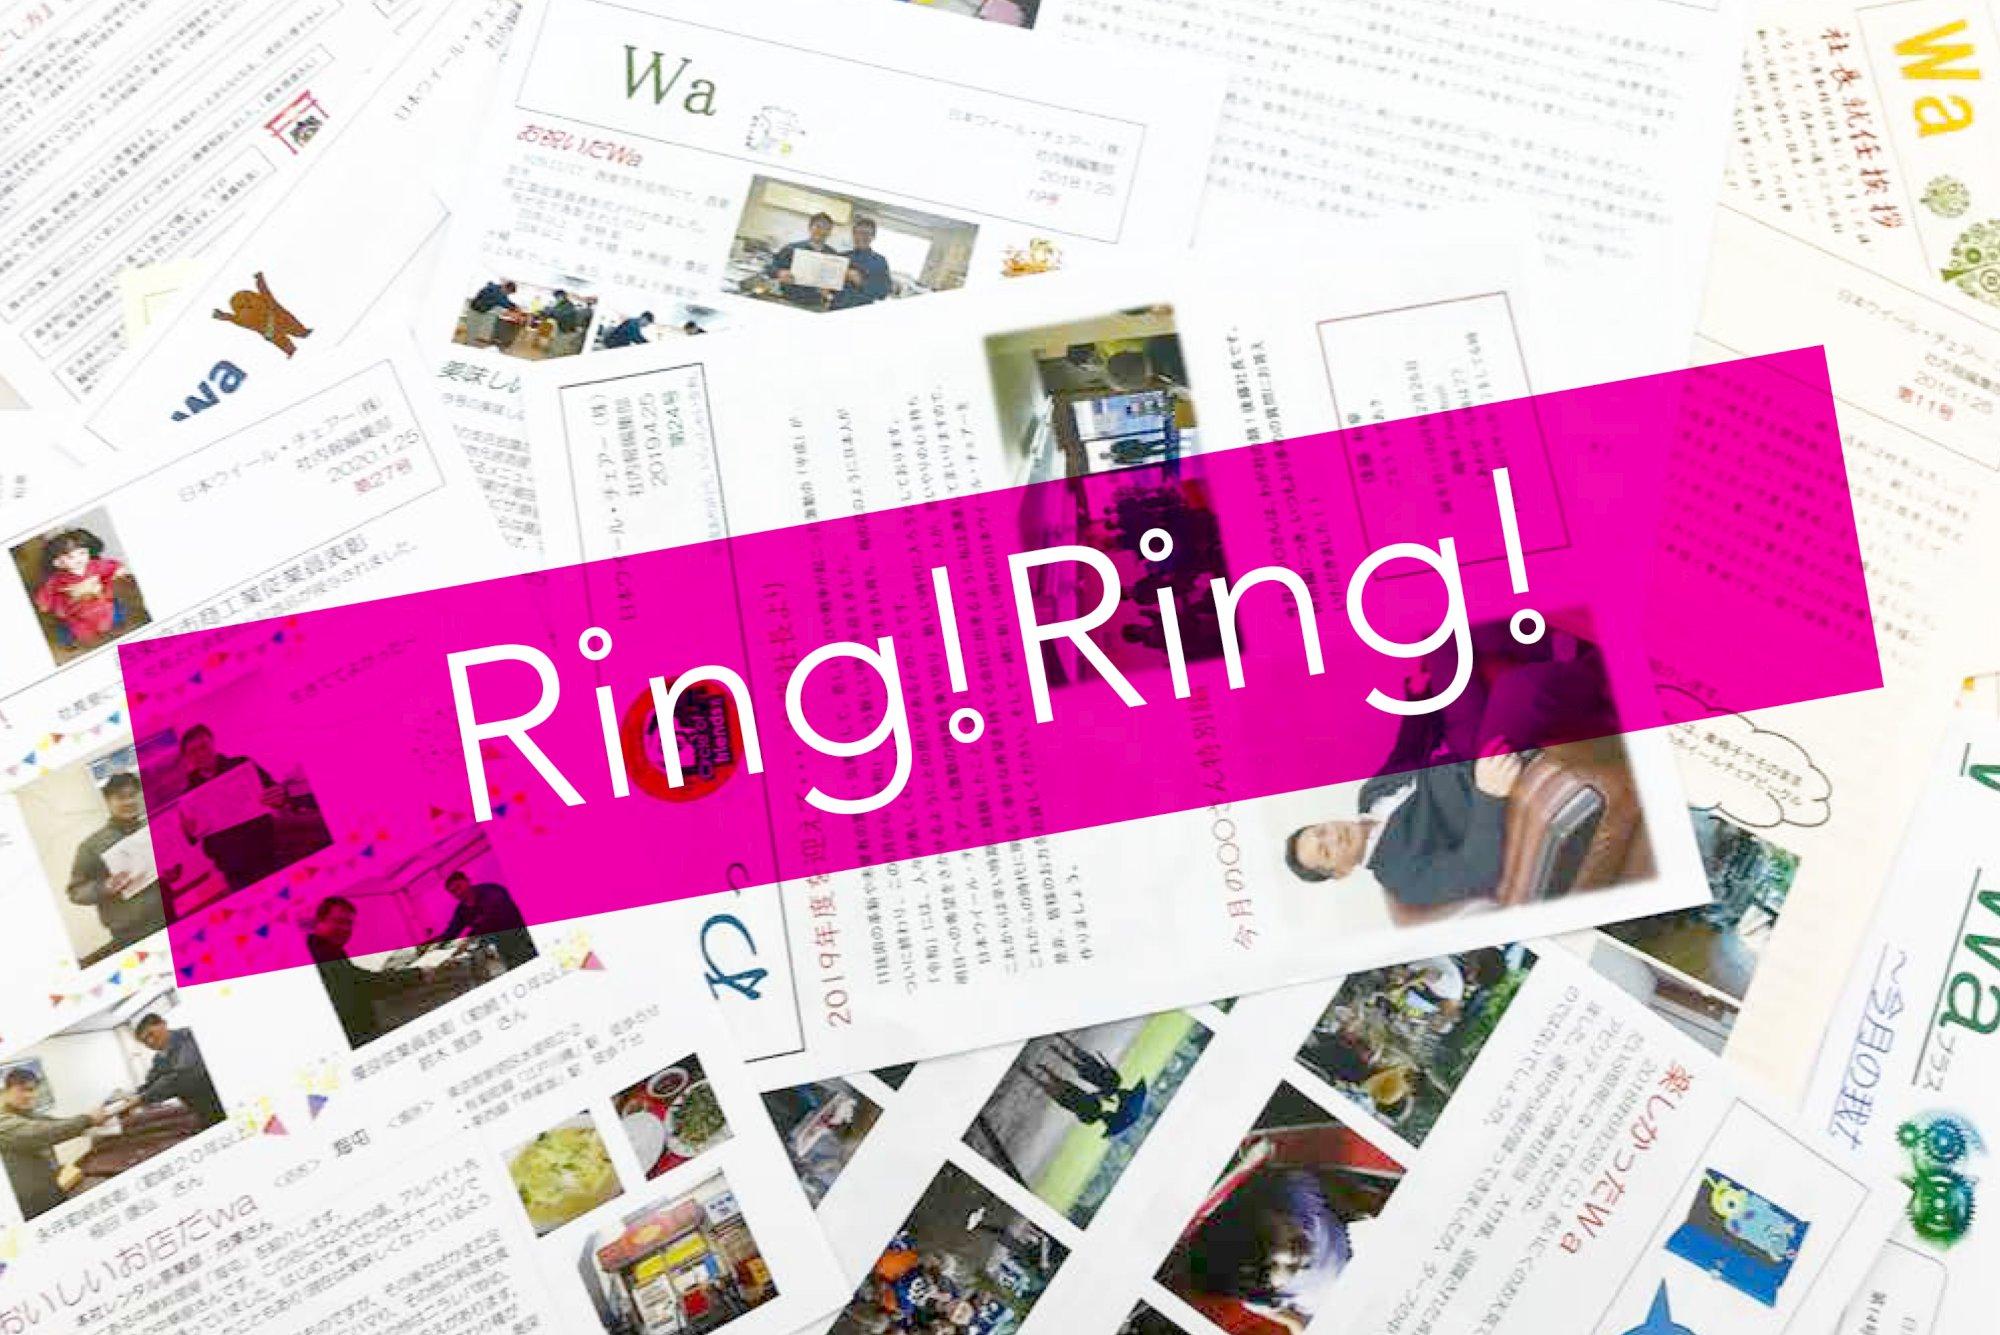 ringring_1